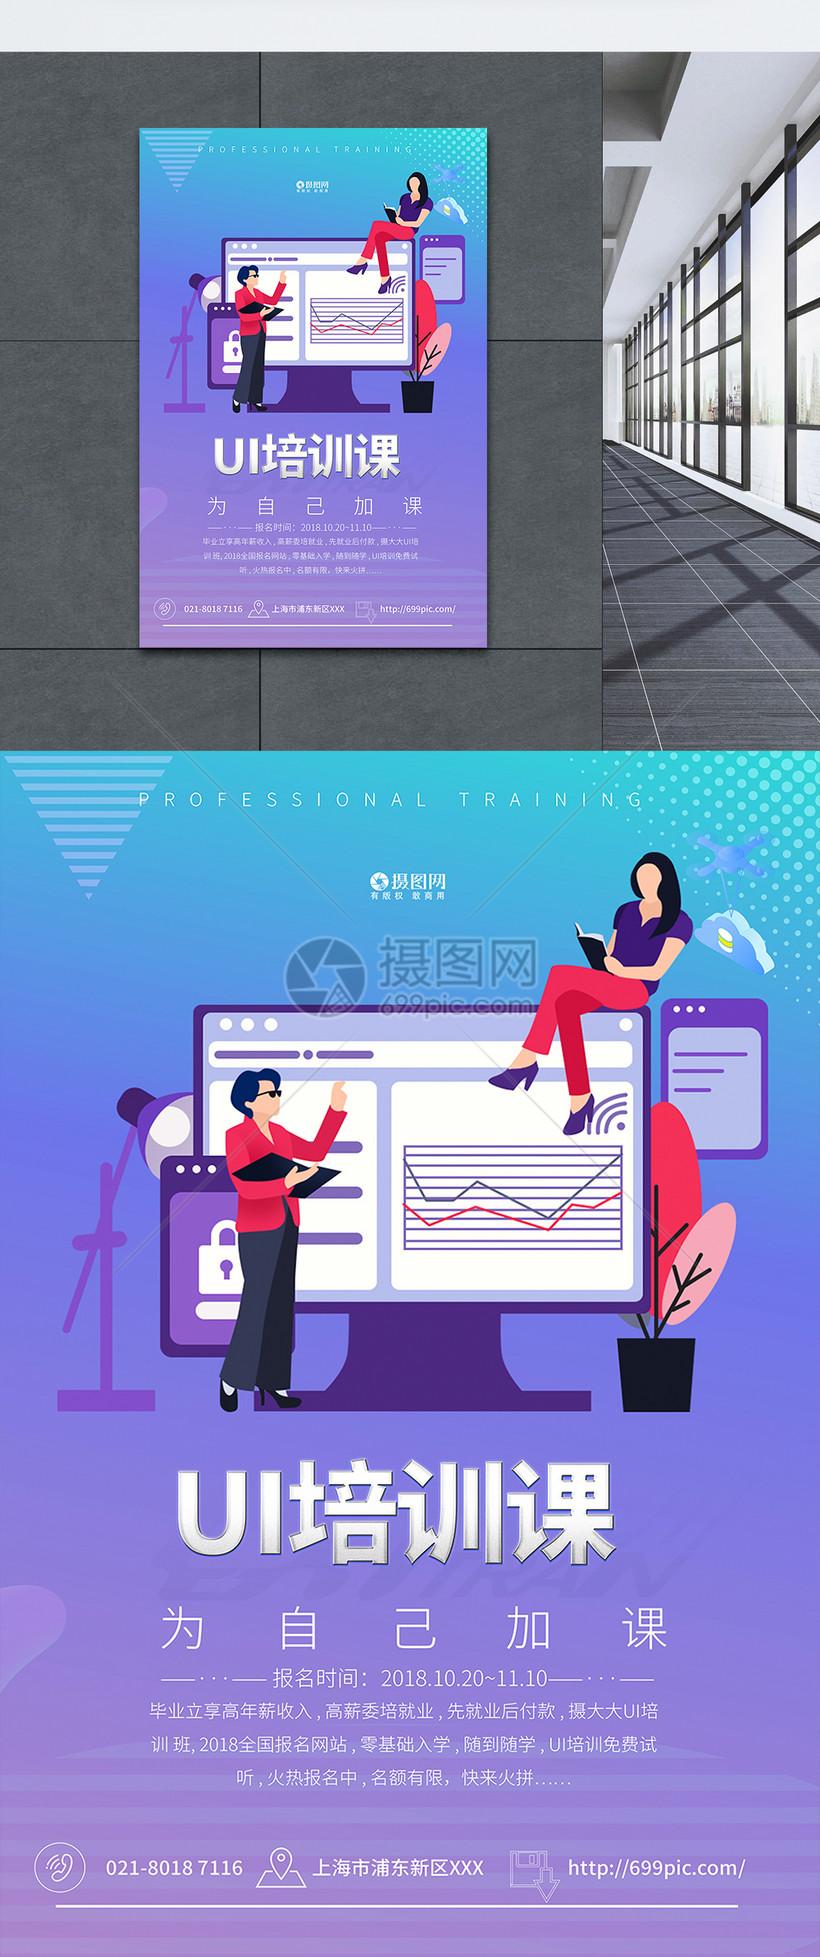 UI培训班海报设计贵州机械设计师招聘图片